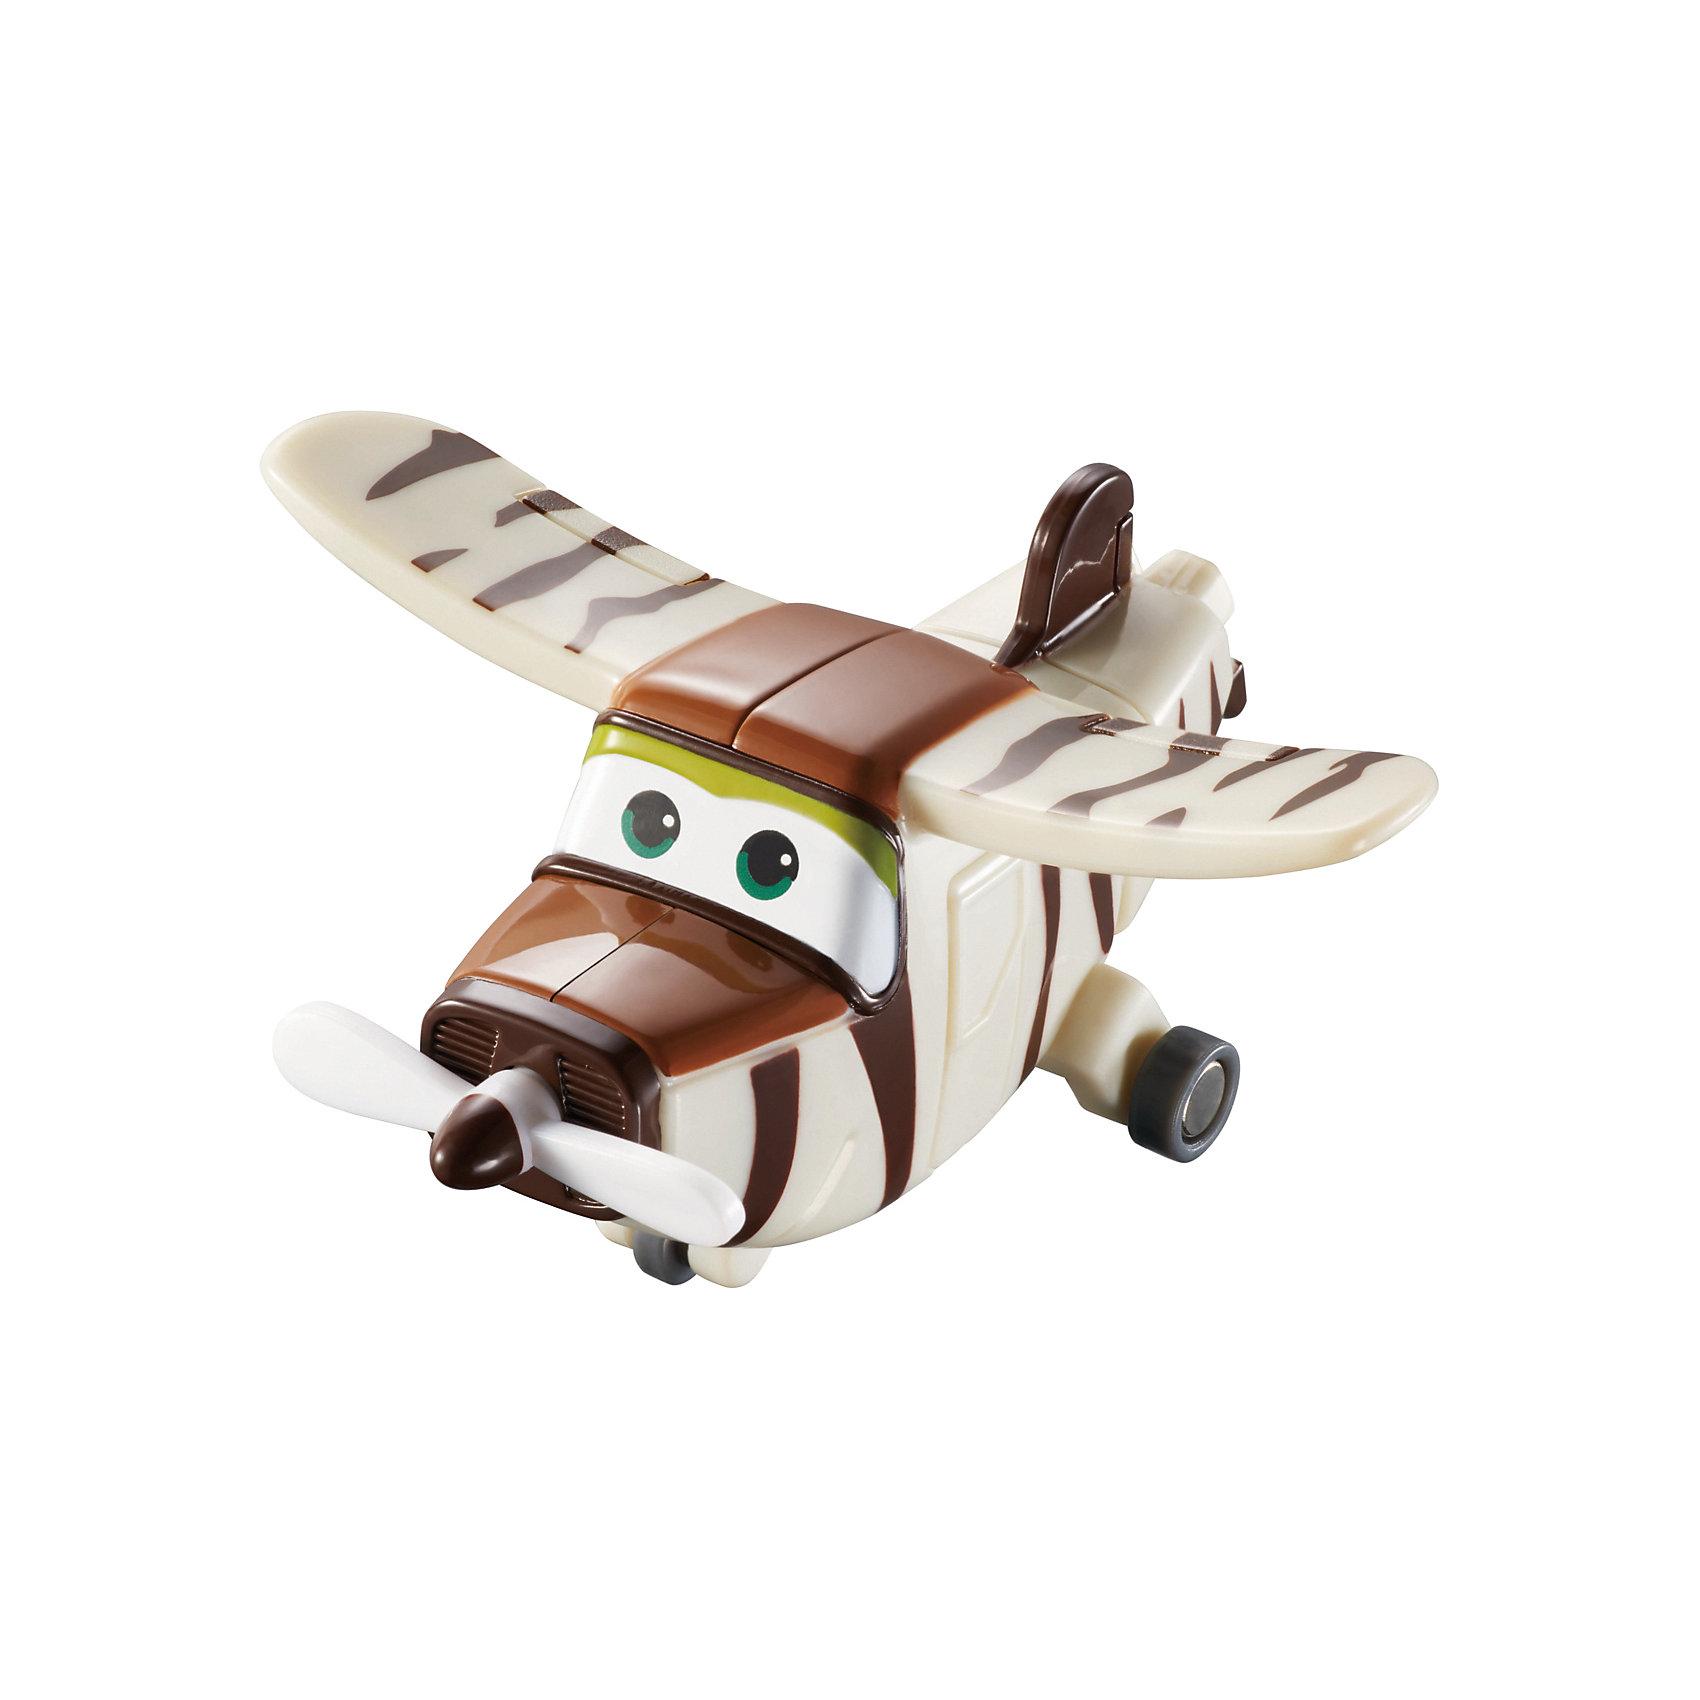 Мини-трансформер Бэлло, Супер КрыльяФигурки героев<br>Играть с самолетами любит практически каждый ребенок. Сделать игру ярче и увлекательнее поможет герой популярного мультфильма Супер Крылья, любимого детьми. Игрушка всего за несколько мгновений трансформируется из самолета в робота. К нему можно также фигурки-трансформеры заказать друзей из этого мультфильма! Компактный размер позволит ребенку брать игрушку с собой в гости или на прогулку.                <br>Этот трансформер обязательно порадует ребенка! Игры с ним также помогают детям развивать воображение, логику, мелкую моторику и творческое мышление. Самолет сделан из качественных и безопасных для ребенка материалов.<br><br>Дополнительная информация:<br><br>цвет: разноцветный;<br>размер упаковки: 12 х 15 х 6 см;<br>вес: 300 г;<br>материал: пластик.<br><br>Игрушку Мини-трансформер Бэлло можно купить в нашем магазине.<br><br>Ширина мм: 120<br>Глубина мм: 155<br>Высота мм: 620<br>Вес г: 300<br>Возраст от месяцев: 36<br>Возраст до месяцев: 2147483647<br>Пол: Мужской<br>Возраст: Детский<br>SKU: 4918769